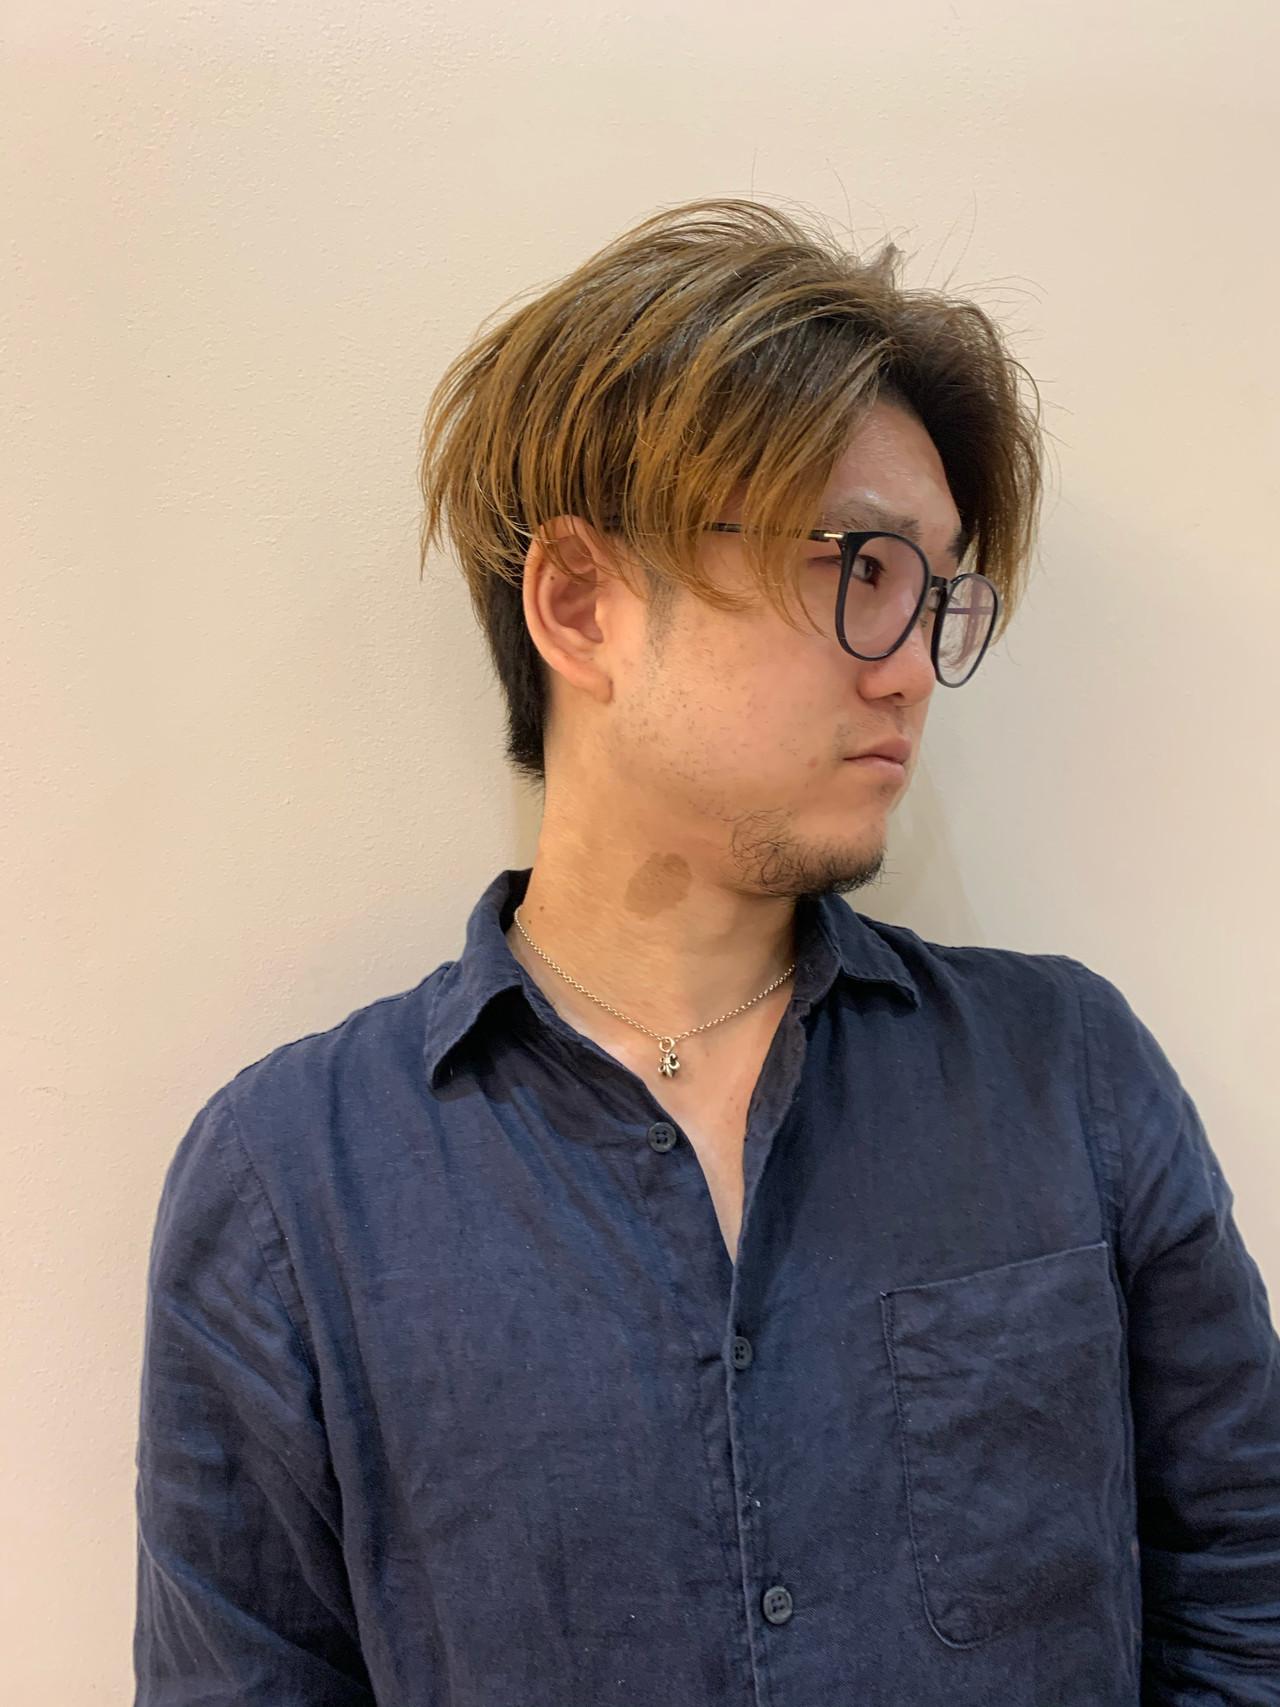 グラデーションカラー ストリート メンズカット メンズショート ヘアスタイルや髪型の写真・画像   飯島 直彬 / SEES HAIR